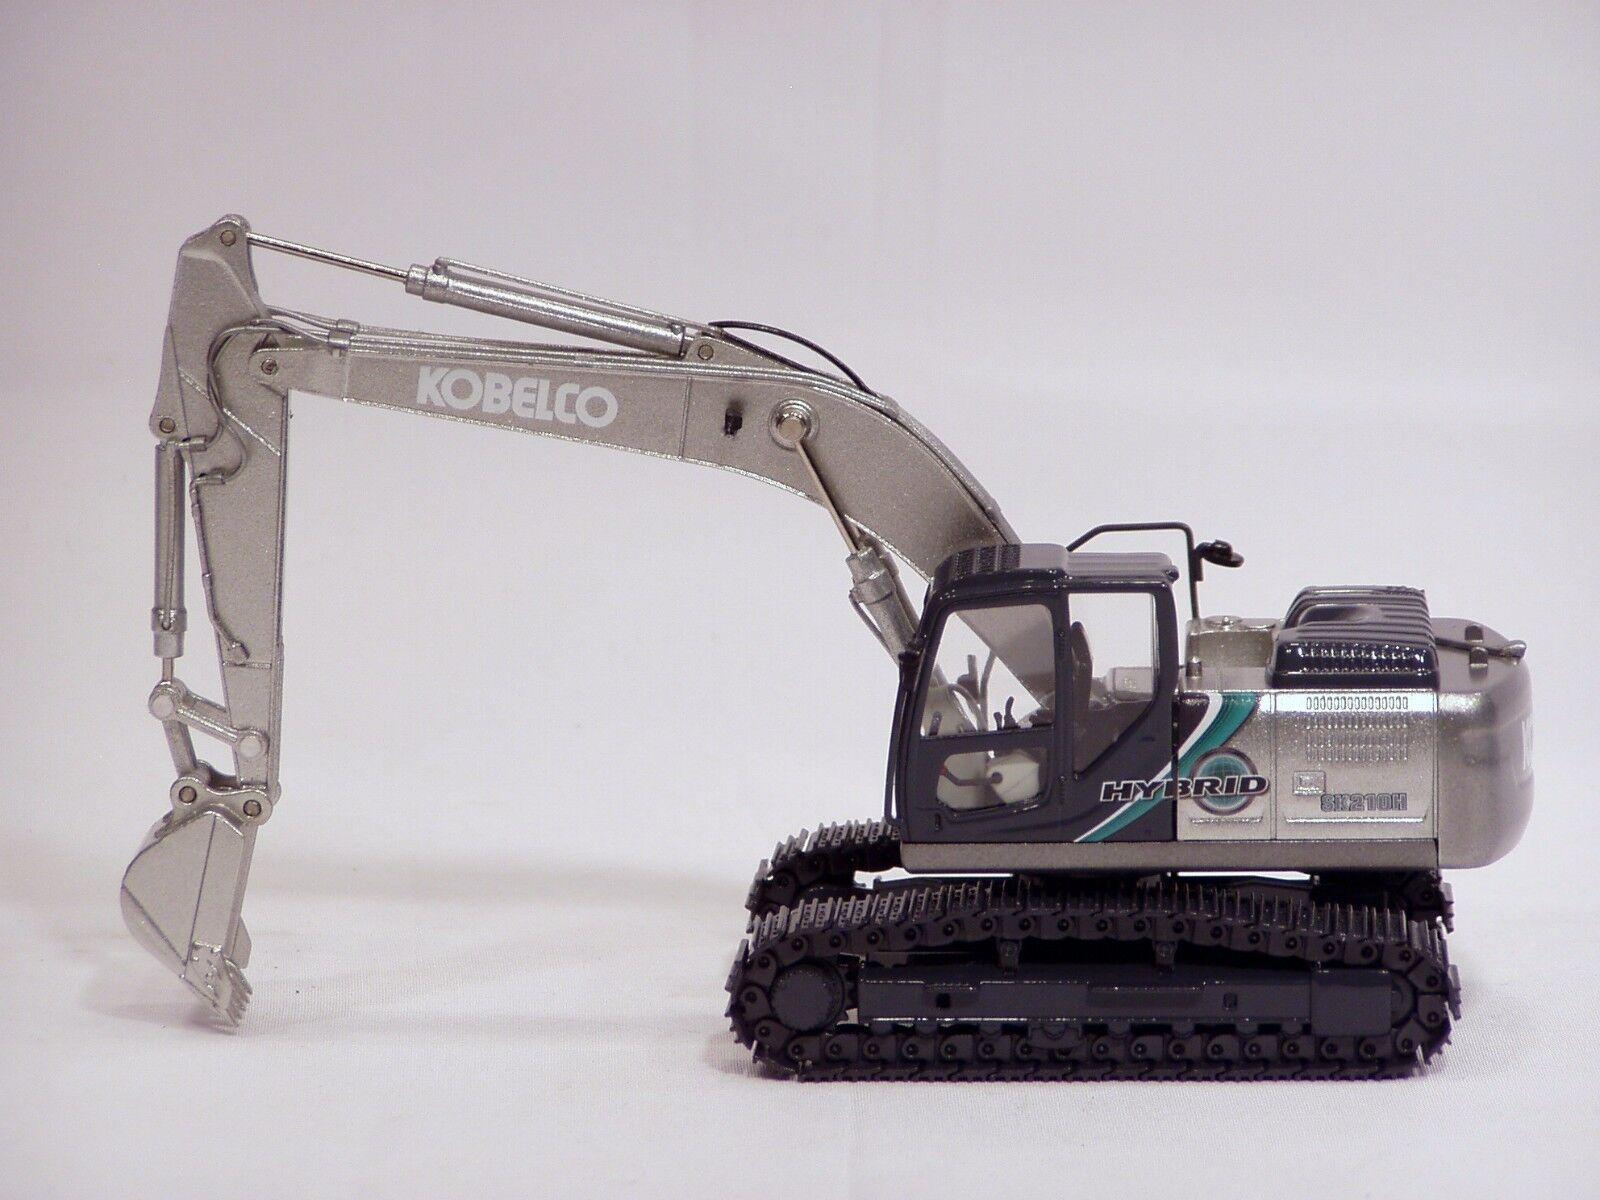 Excavadora Kobelco SK210HLC-10 Excavator - cubierta - 1/50 - en Caja Como Nuevo-Totalmente Nuevo elcomplotparahackearAmericacómoPUTINScyberspiesporMalcolmNance[librodebolsilloNUEVO